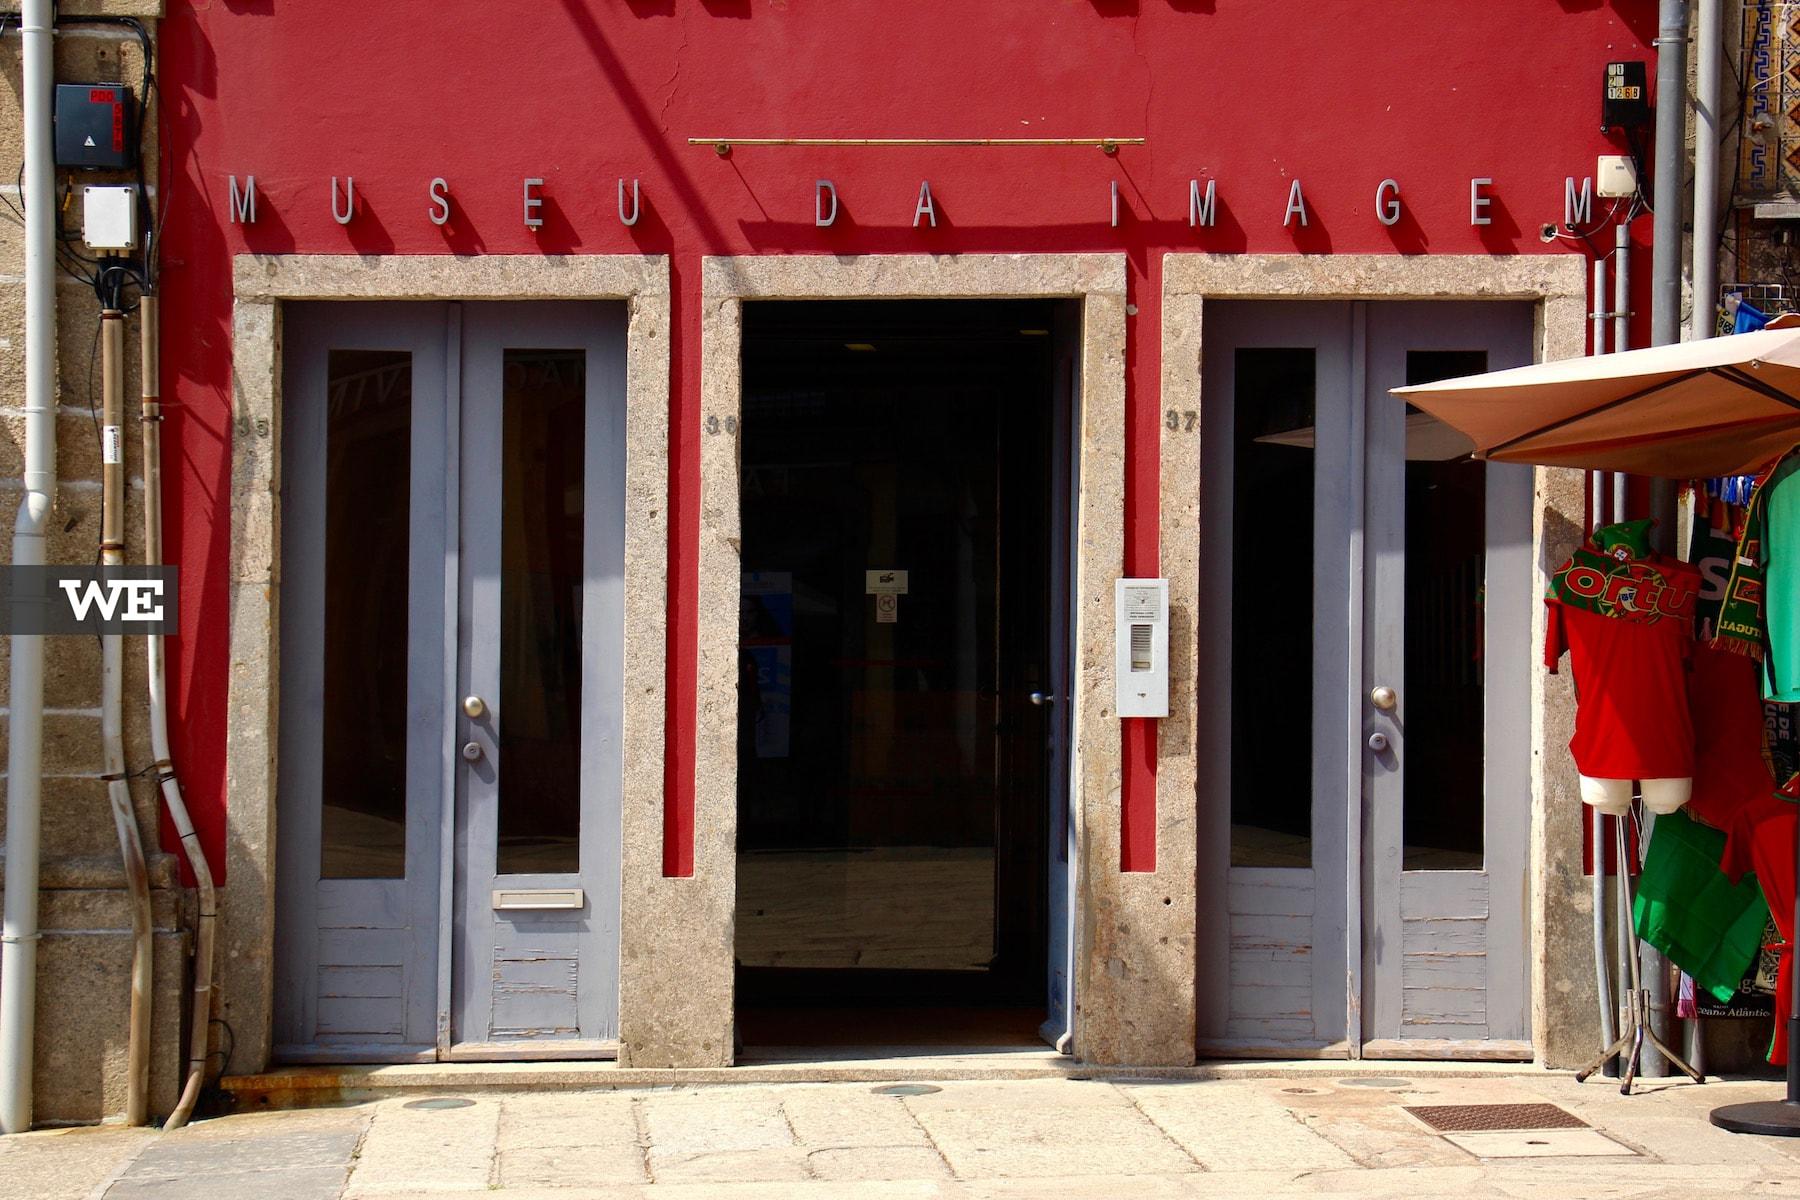 Museu da Imagem Braga